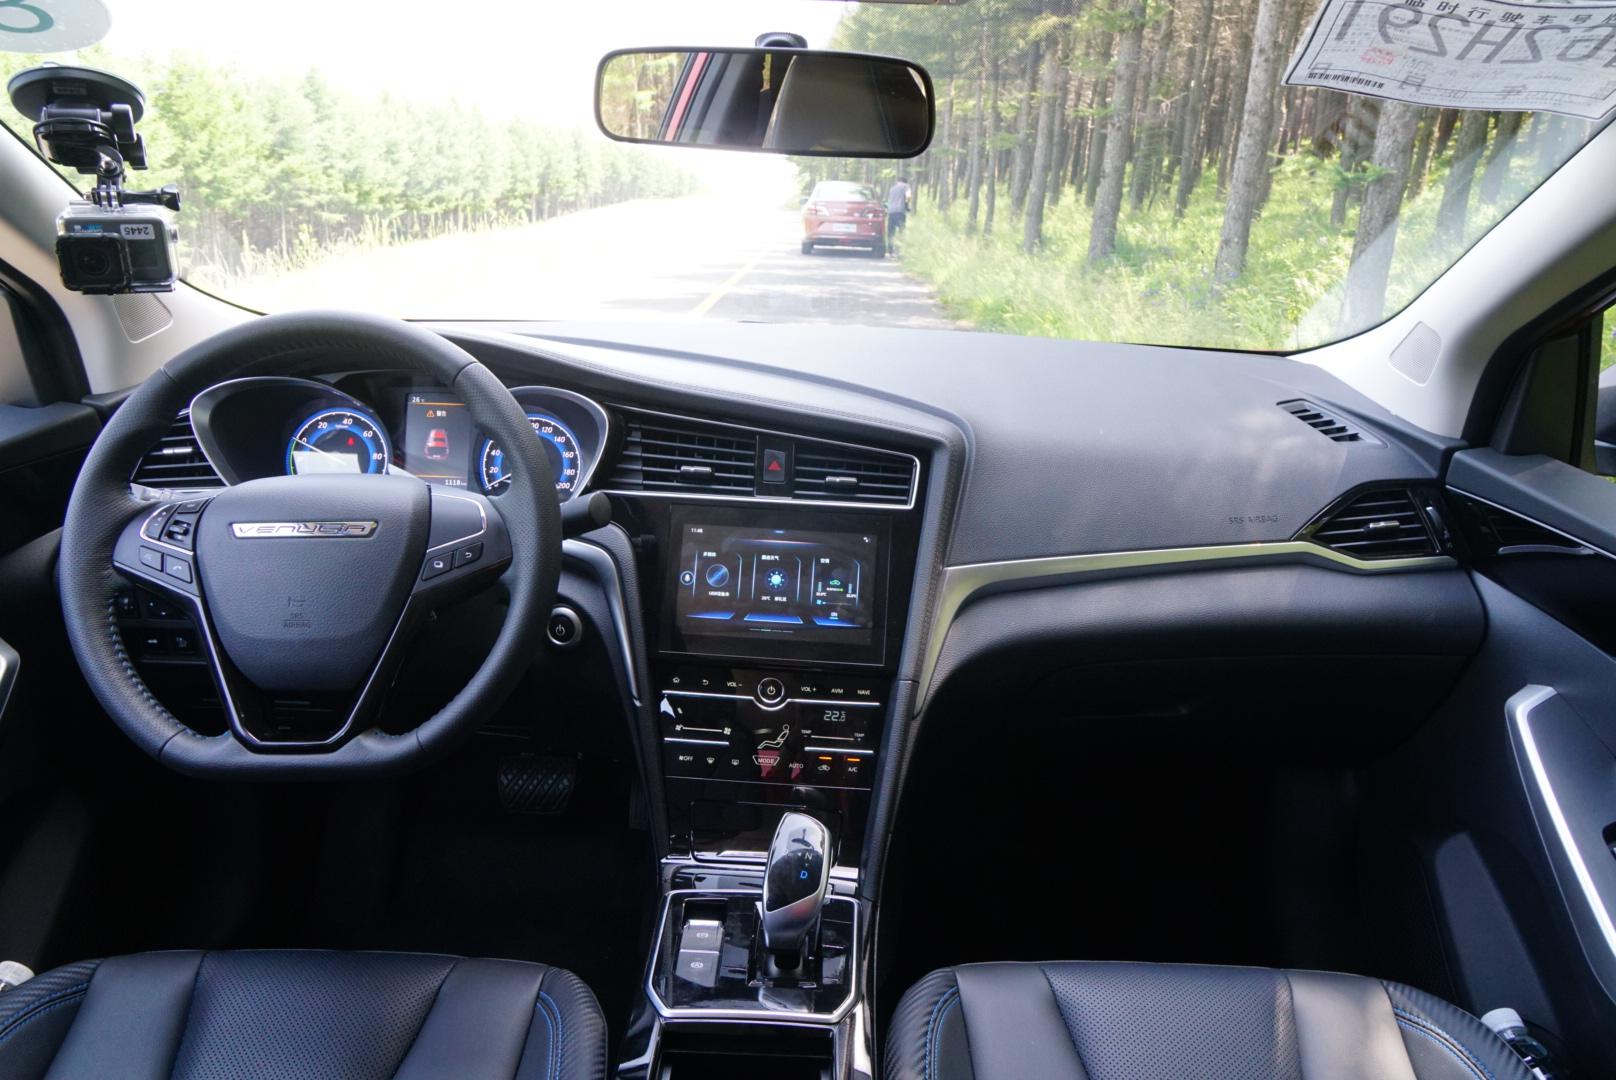 又一拉高续航里程标准座驾 试驾东风启辰D60 EV